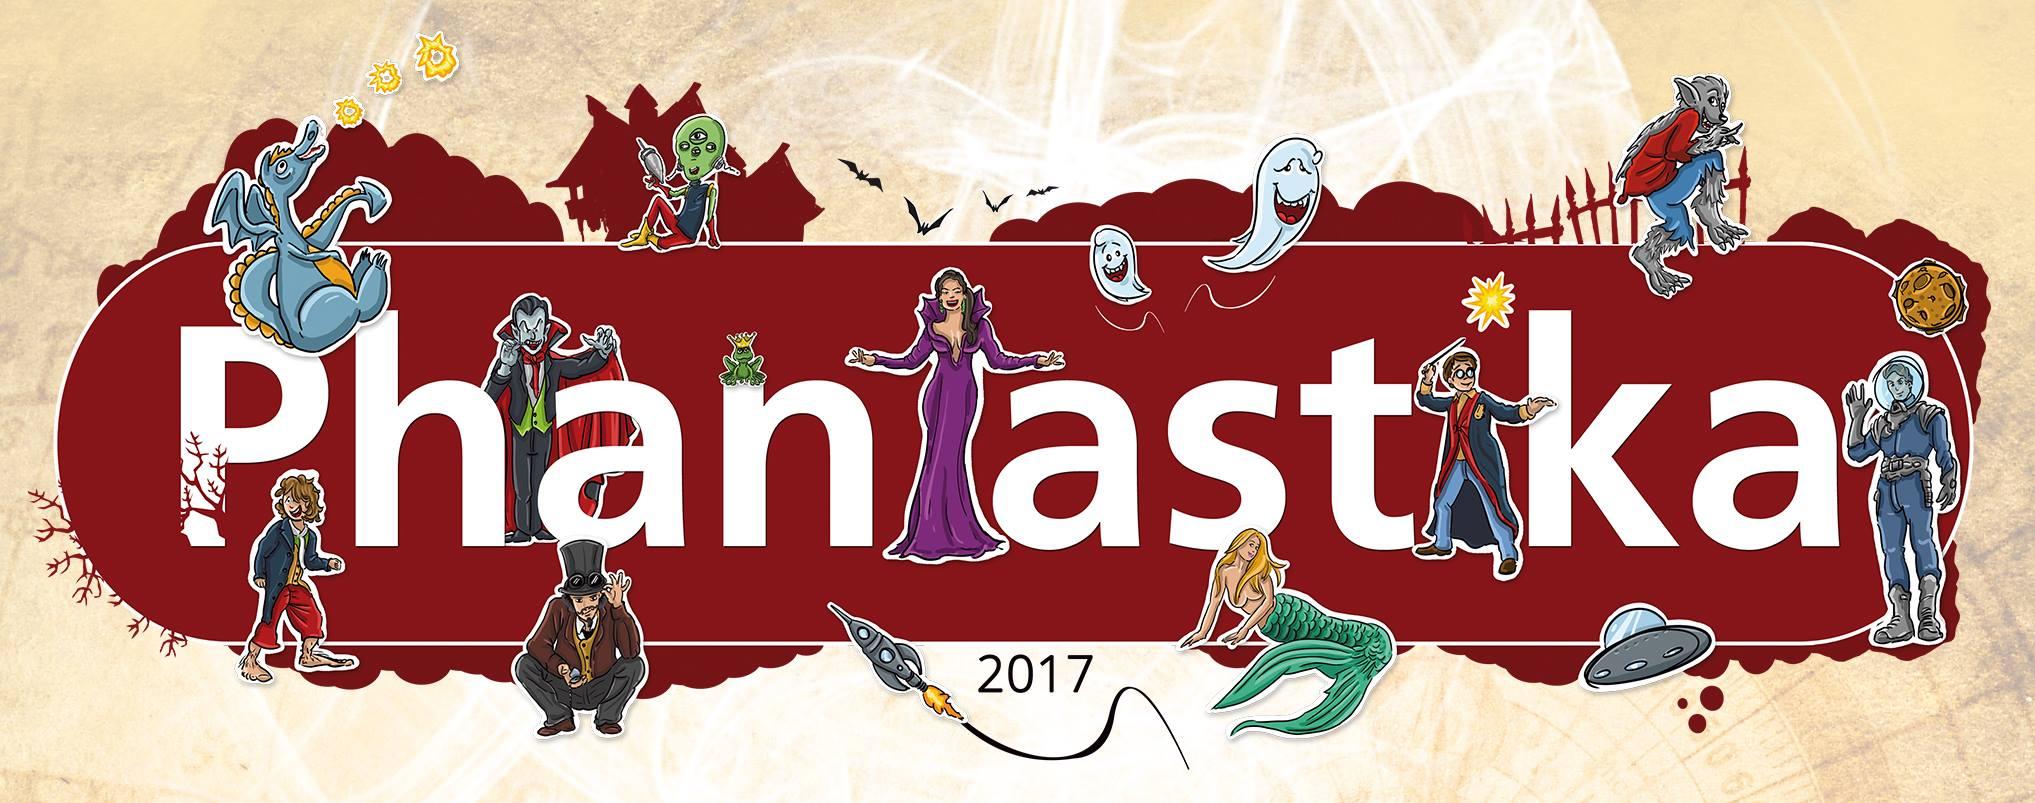 offizieller Banner der Phantastika 2017